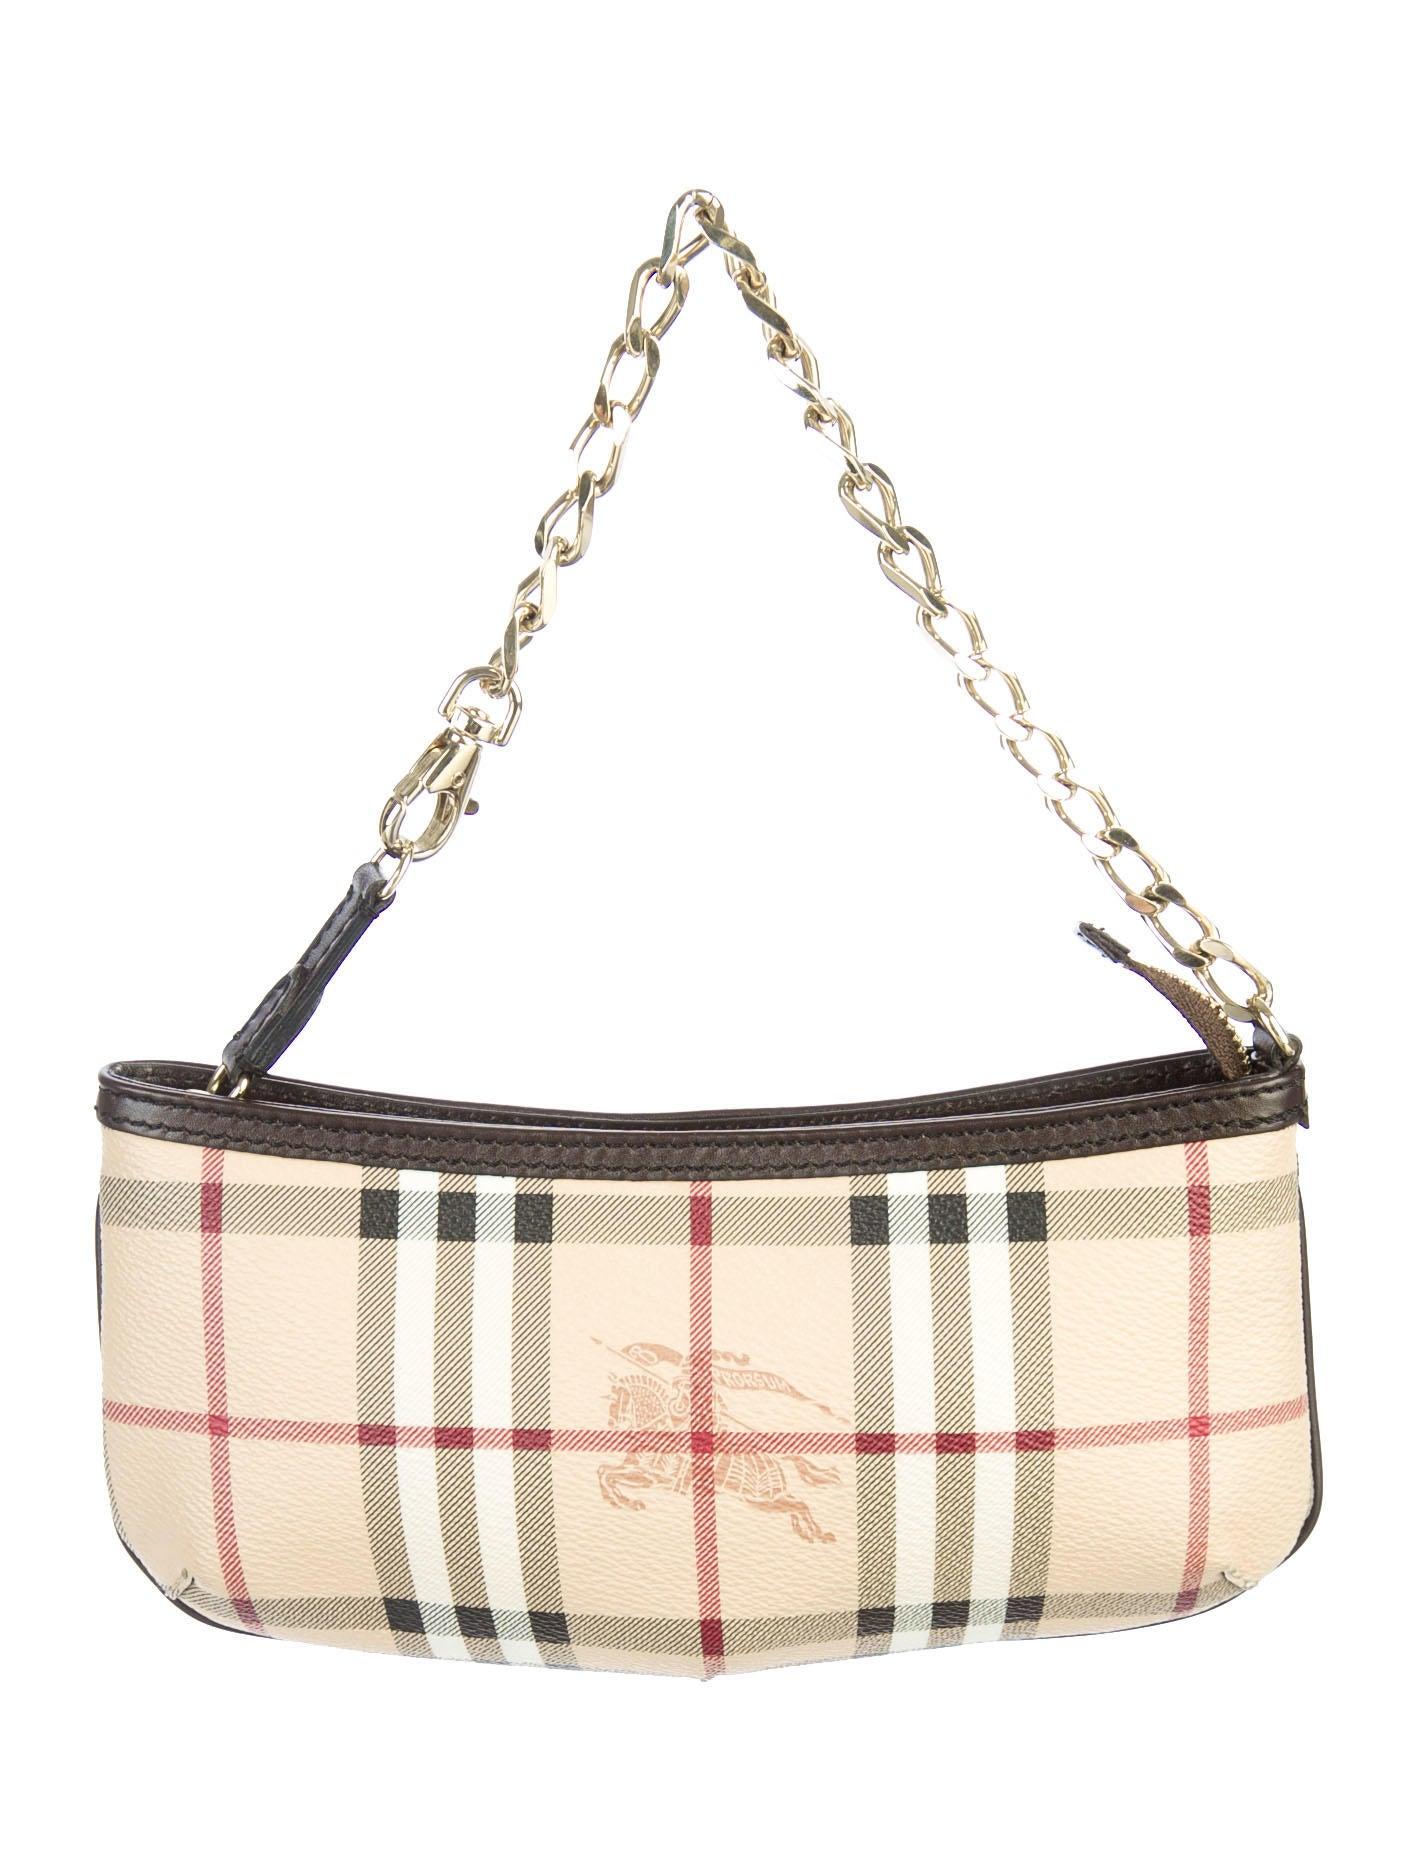 1a1849e5924c Burberry Haymarket Clara Wristlet - Handbags - BUR31291